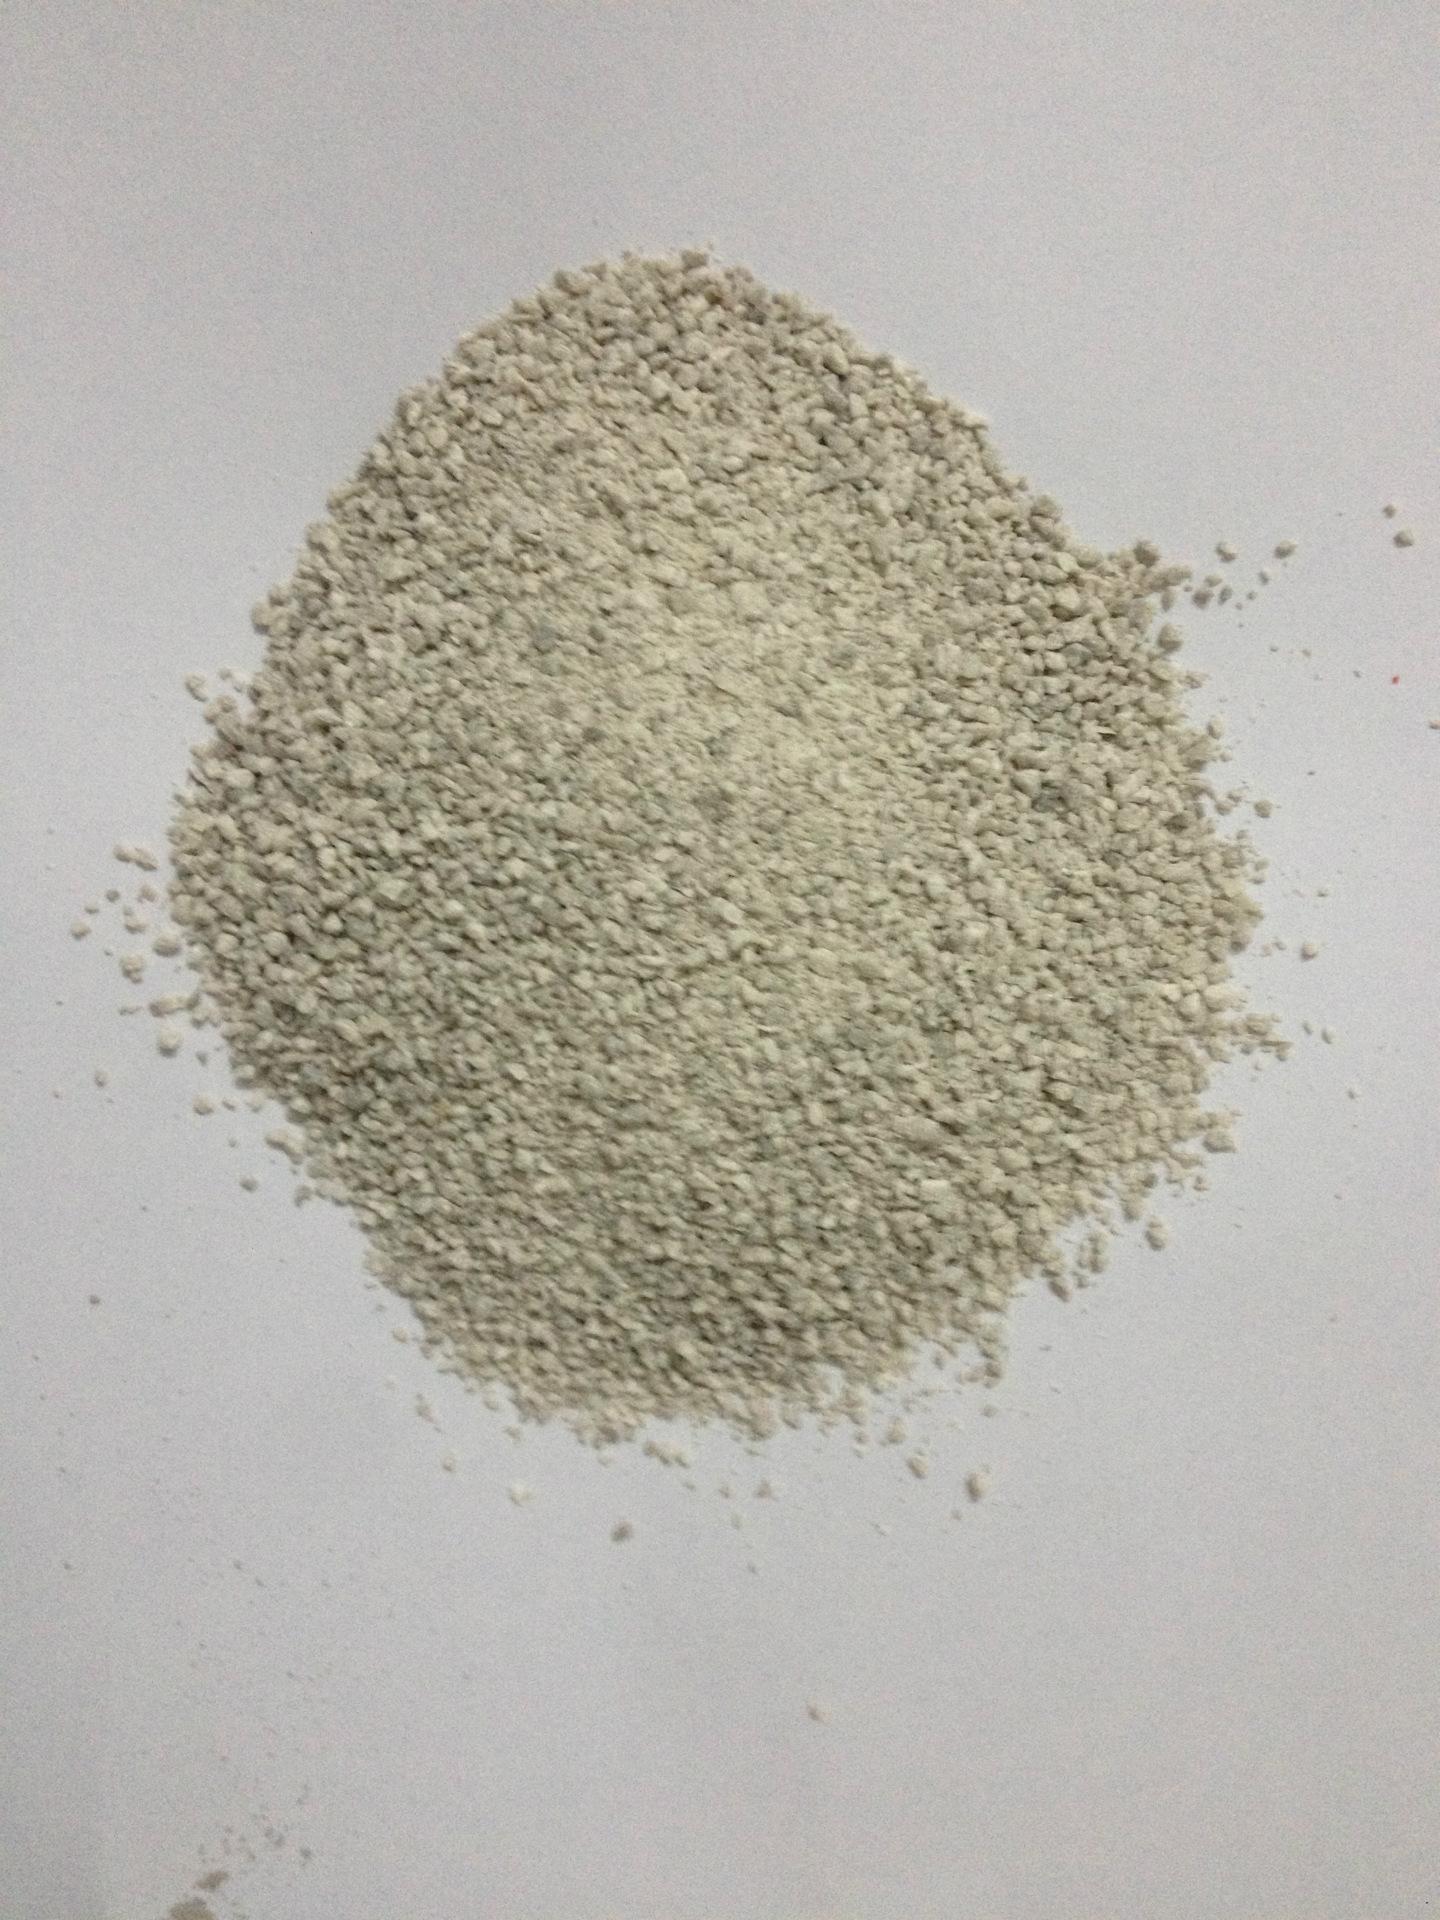 陶瓷级石灰石粉